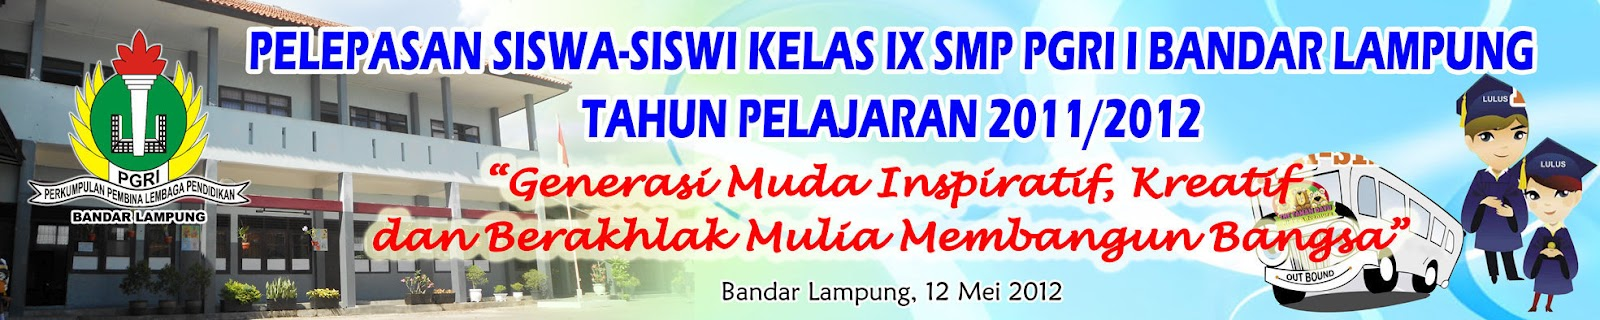 Most Wanted Post Spanduk Banner Perpisahan Kelas Ix Tahun Jpg X Spanduk Sekolah Perpisahan